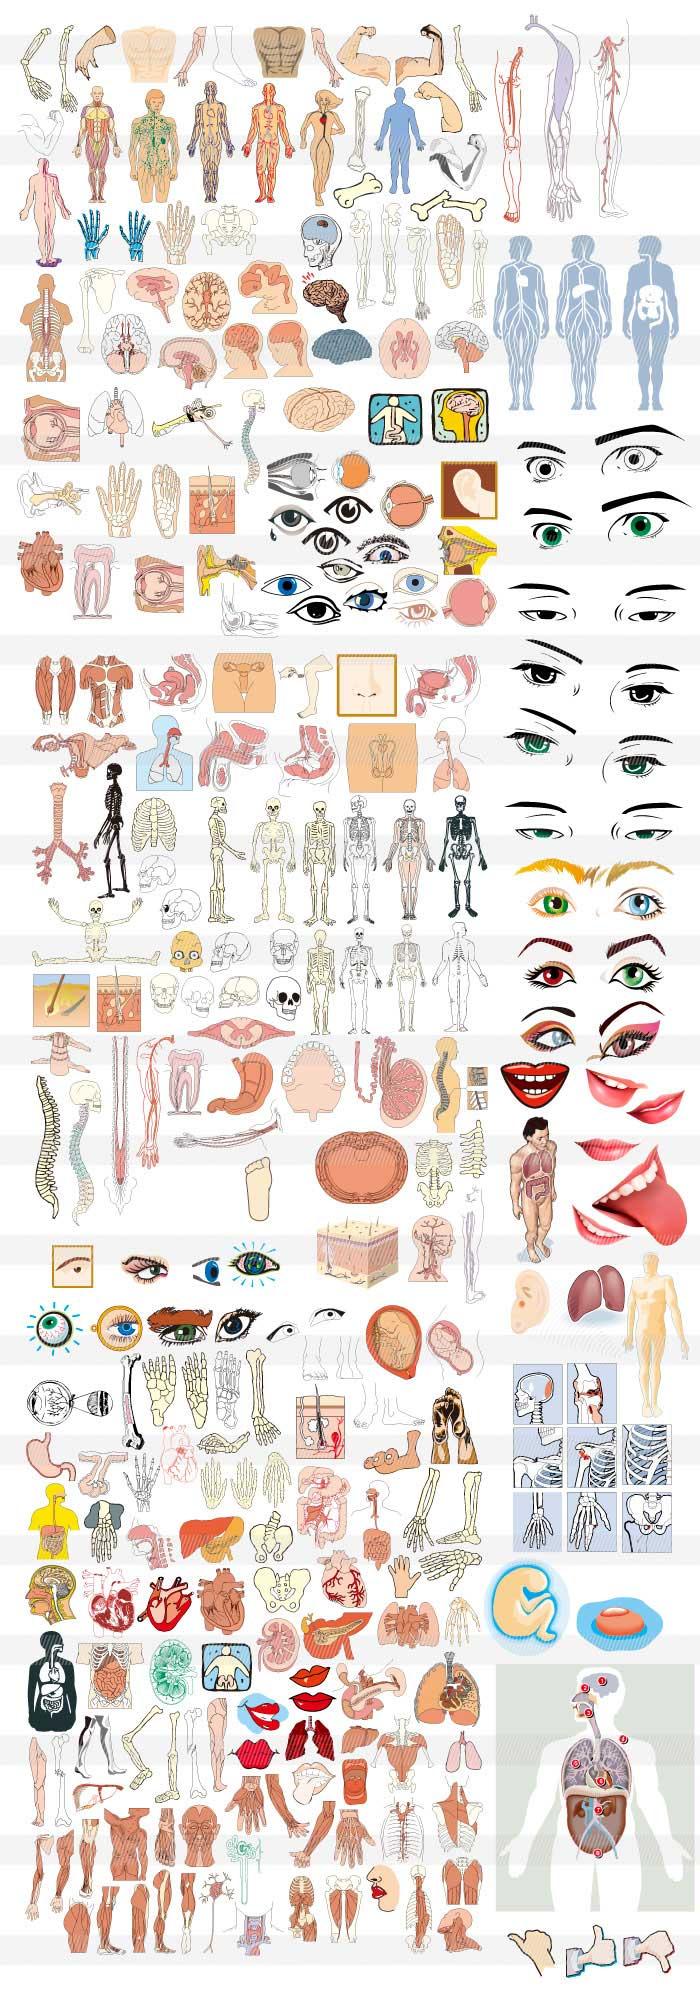 人体模型のイラスト